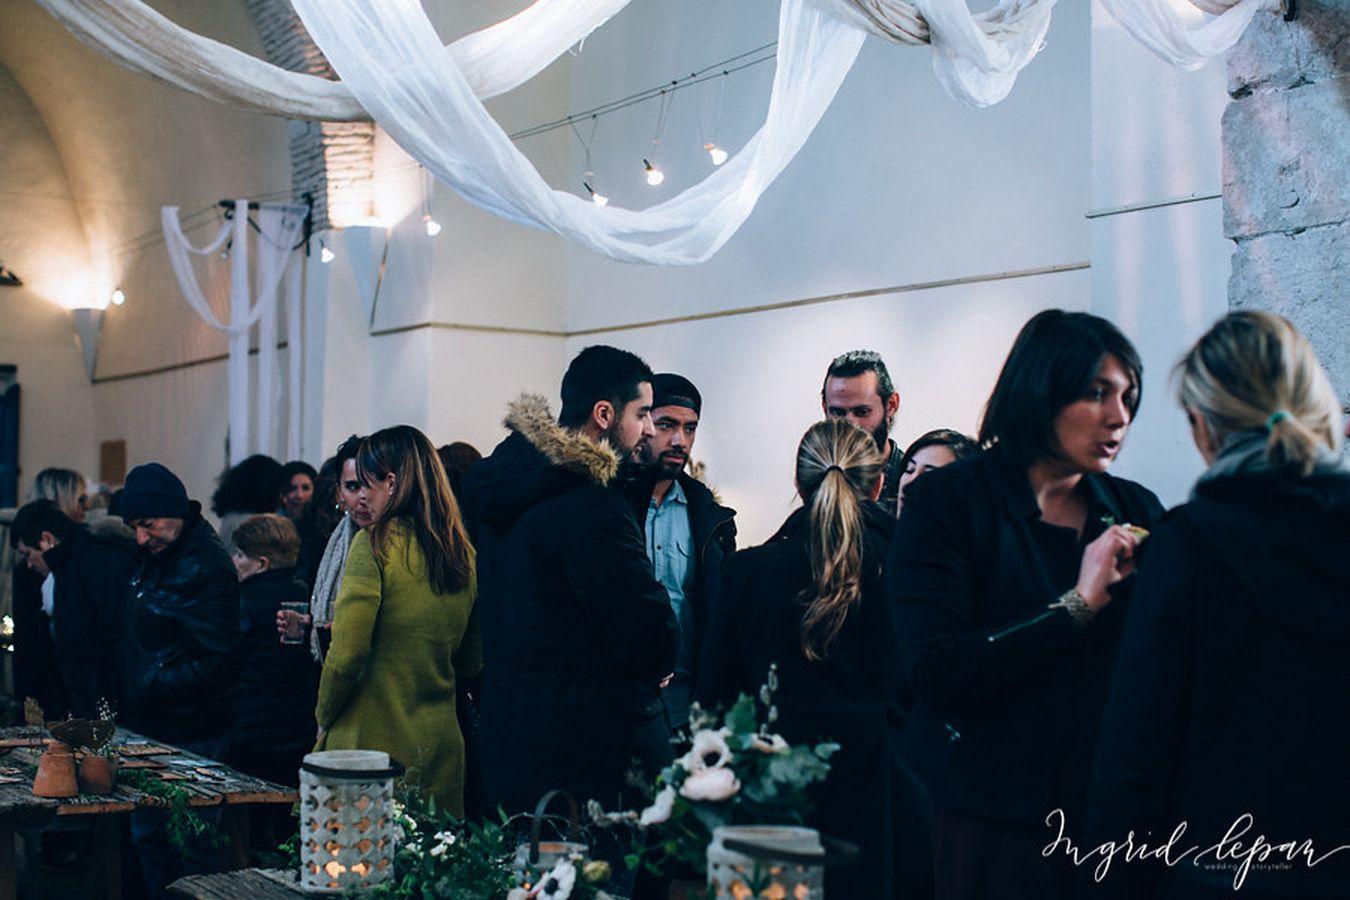 ingrid-lepan-ouiii-l-atelier-salon-du-mariage-cote-d-azur1